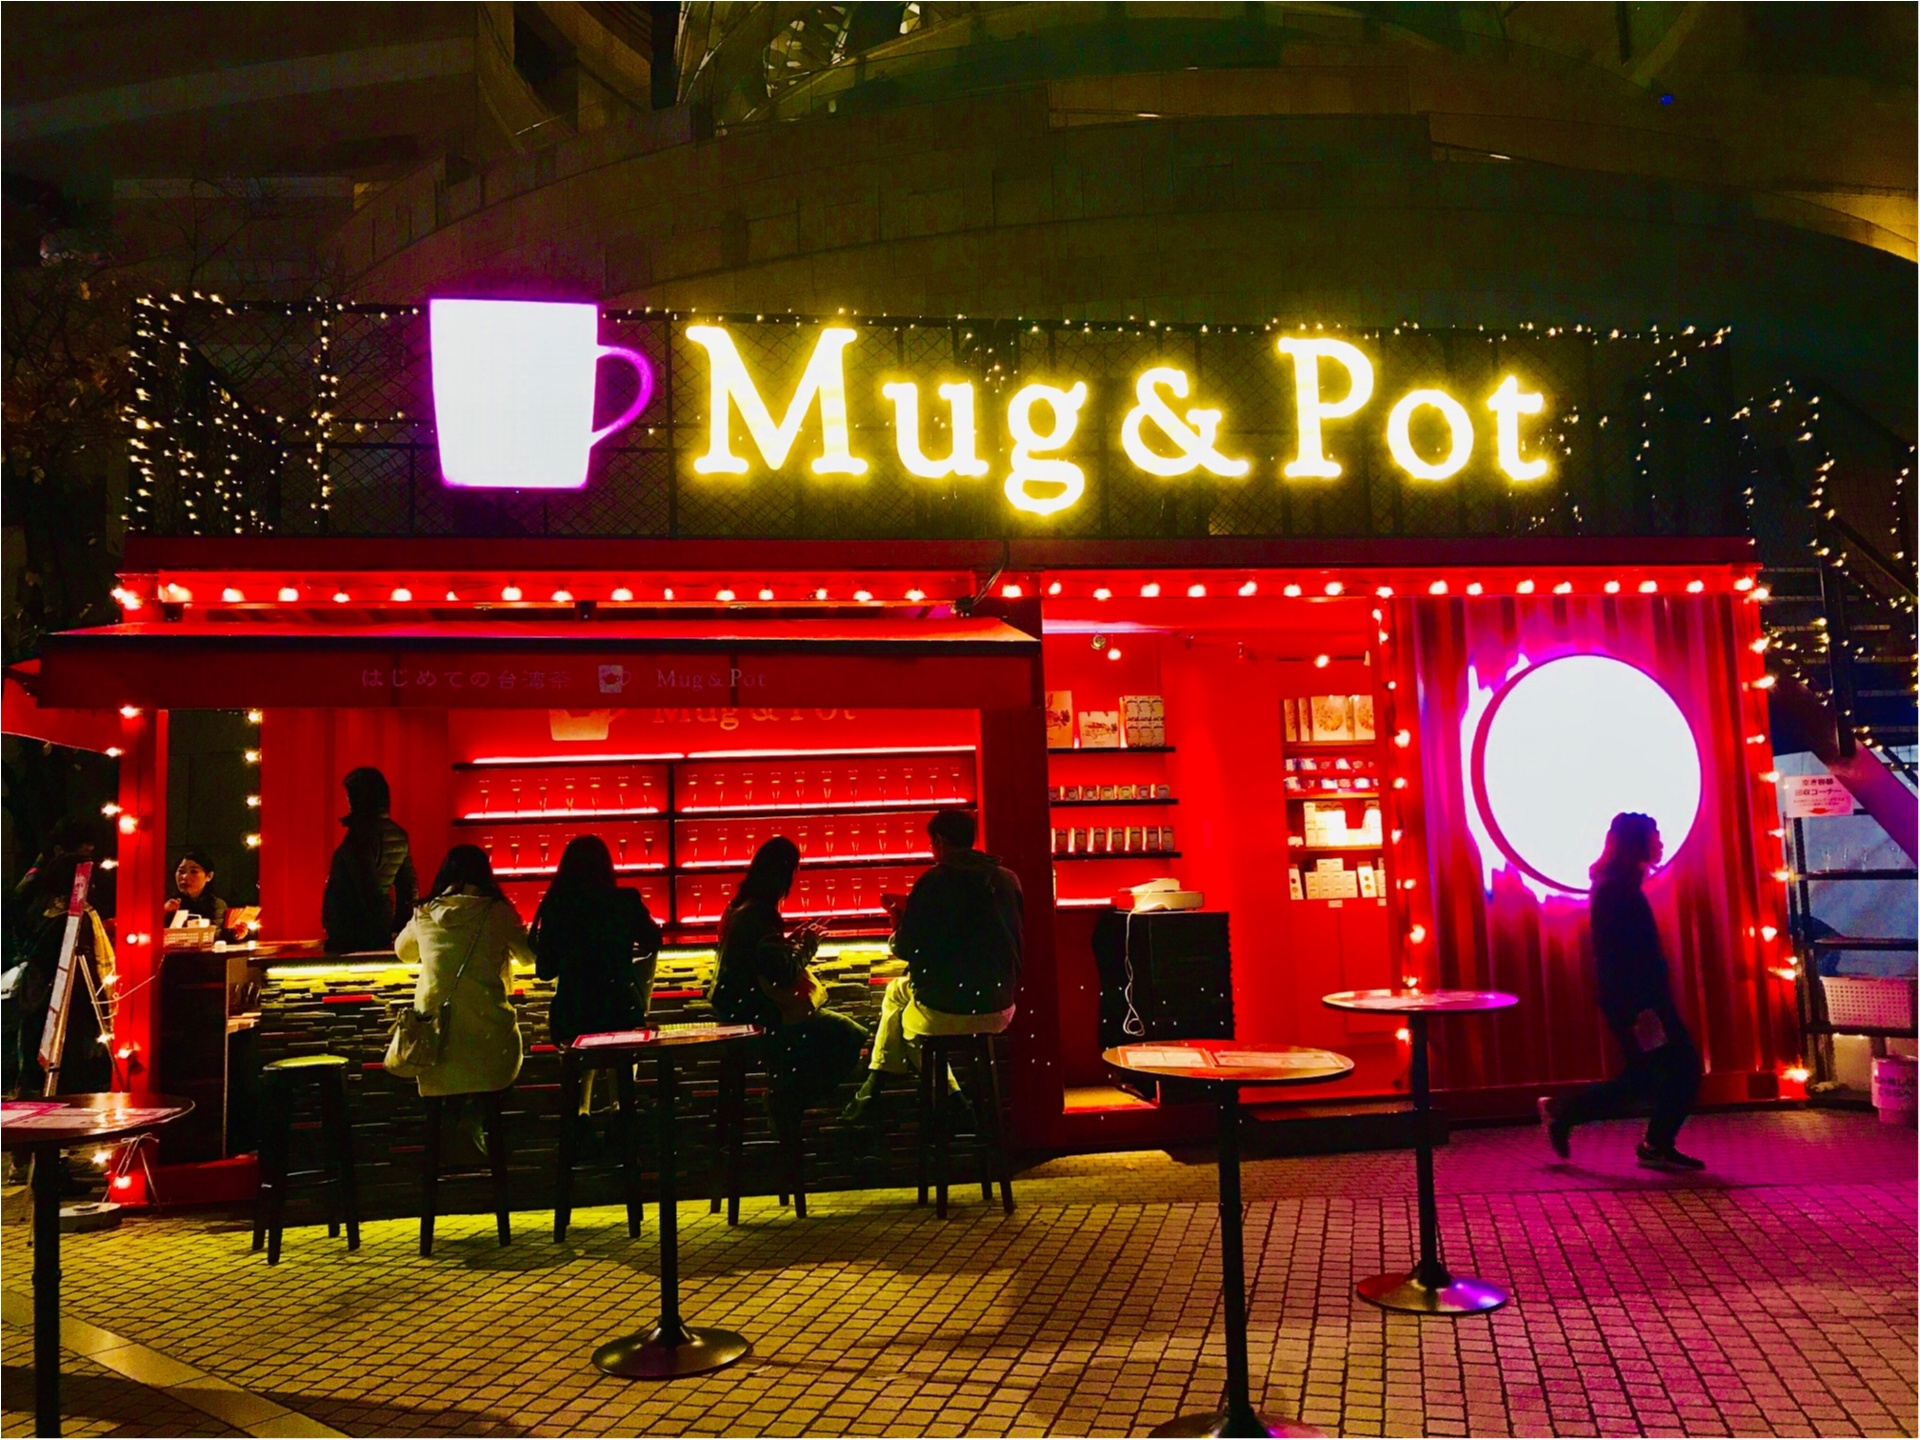 【Mug&Pot】クリスマス限定!映え度抜群❤︎台湾茶のポップアップカフェがオープン♡_1